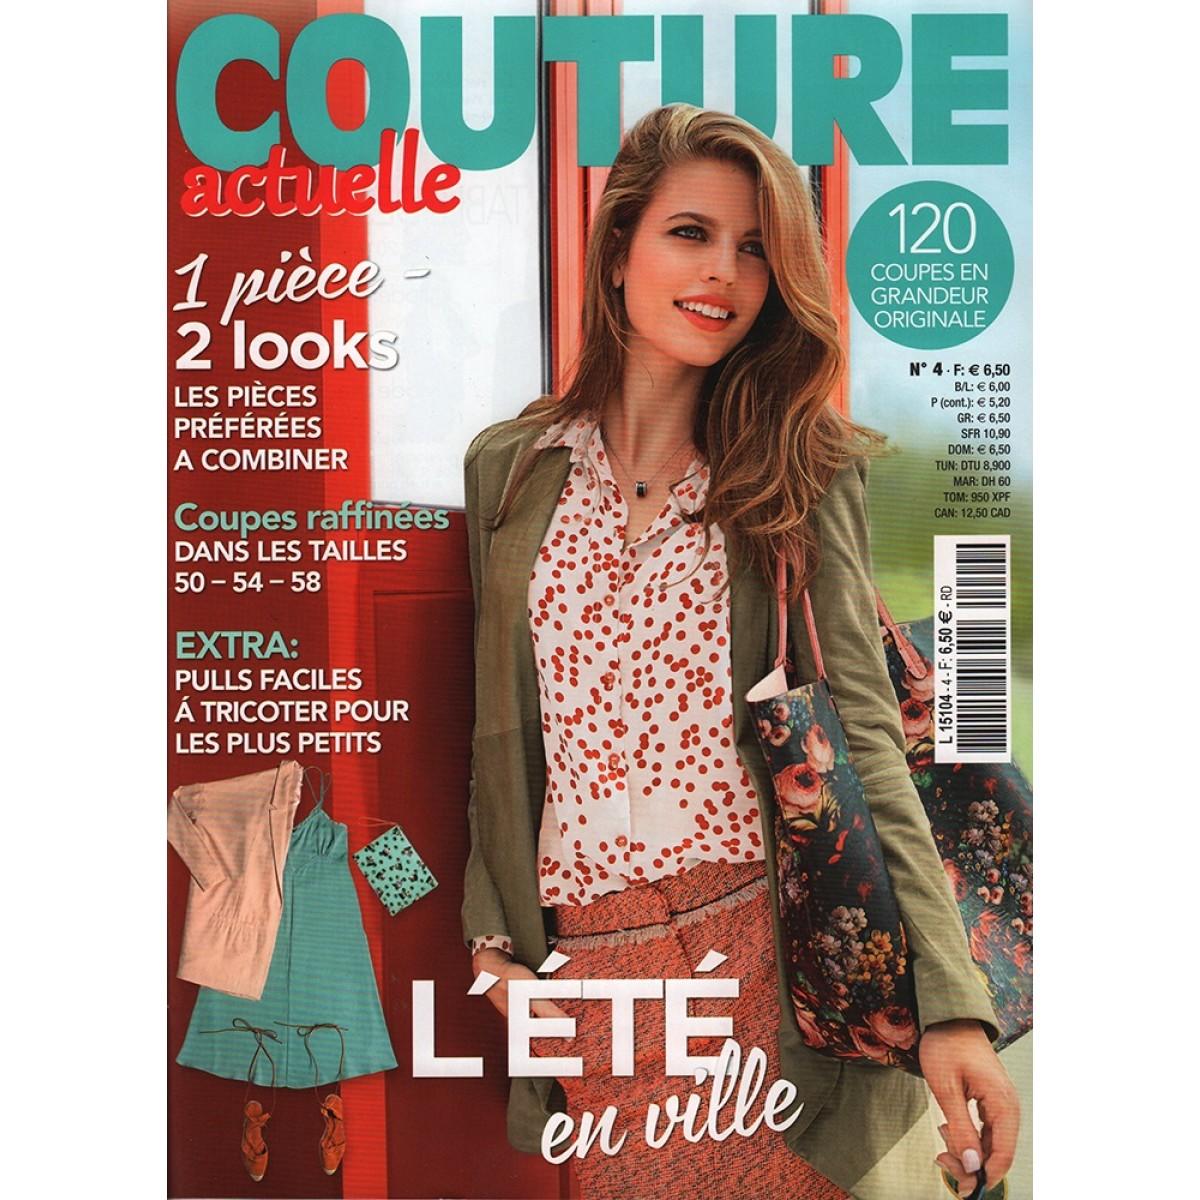 Abonnement couture actuelle pas cher mag24 discount - Abonnement cuisine actuelle pas cher ...